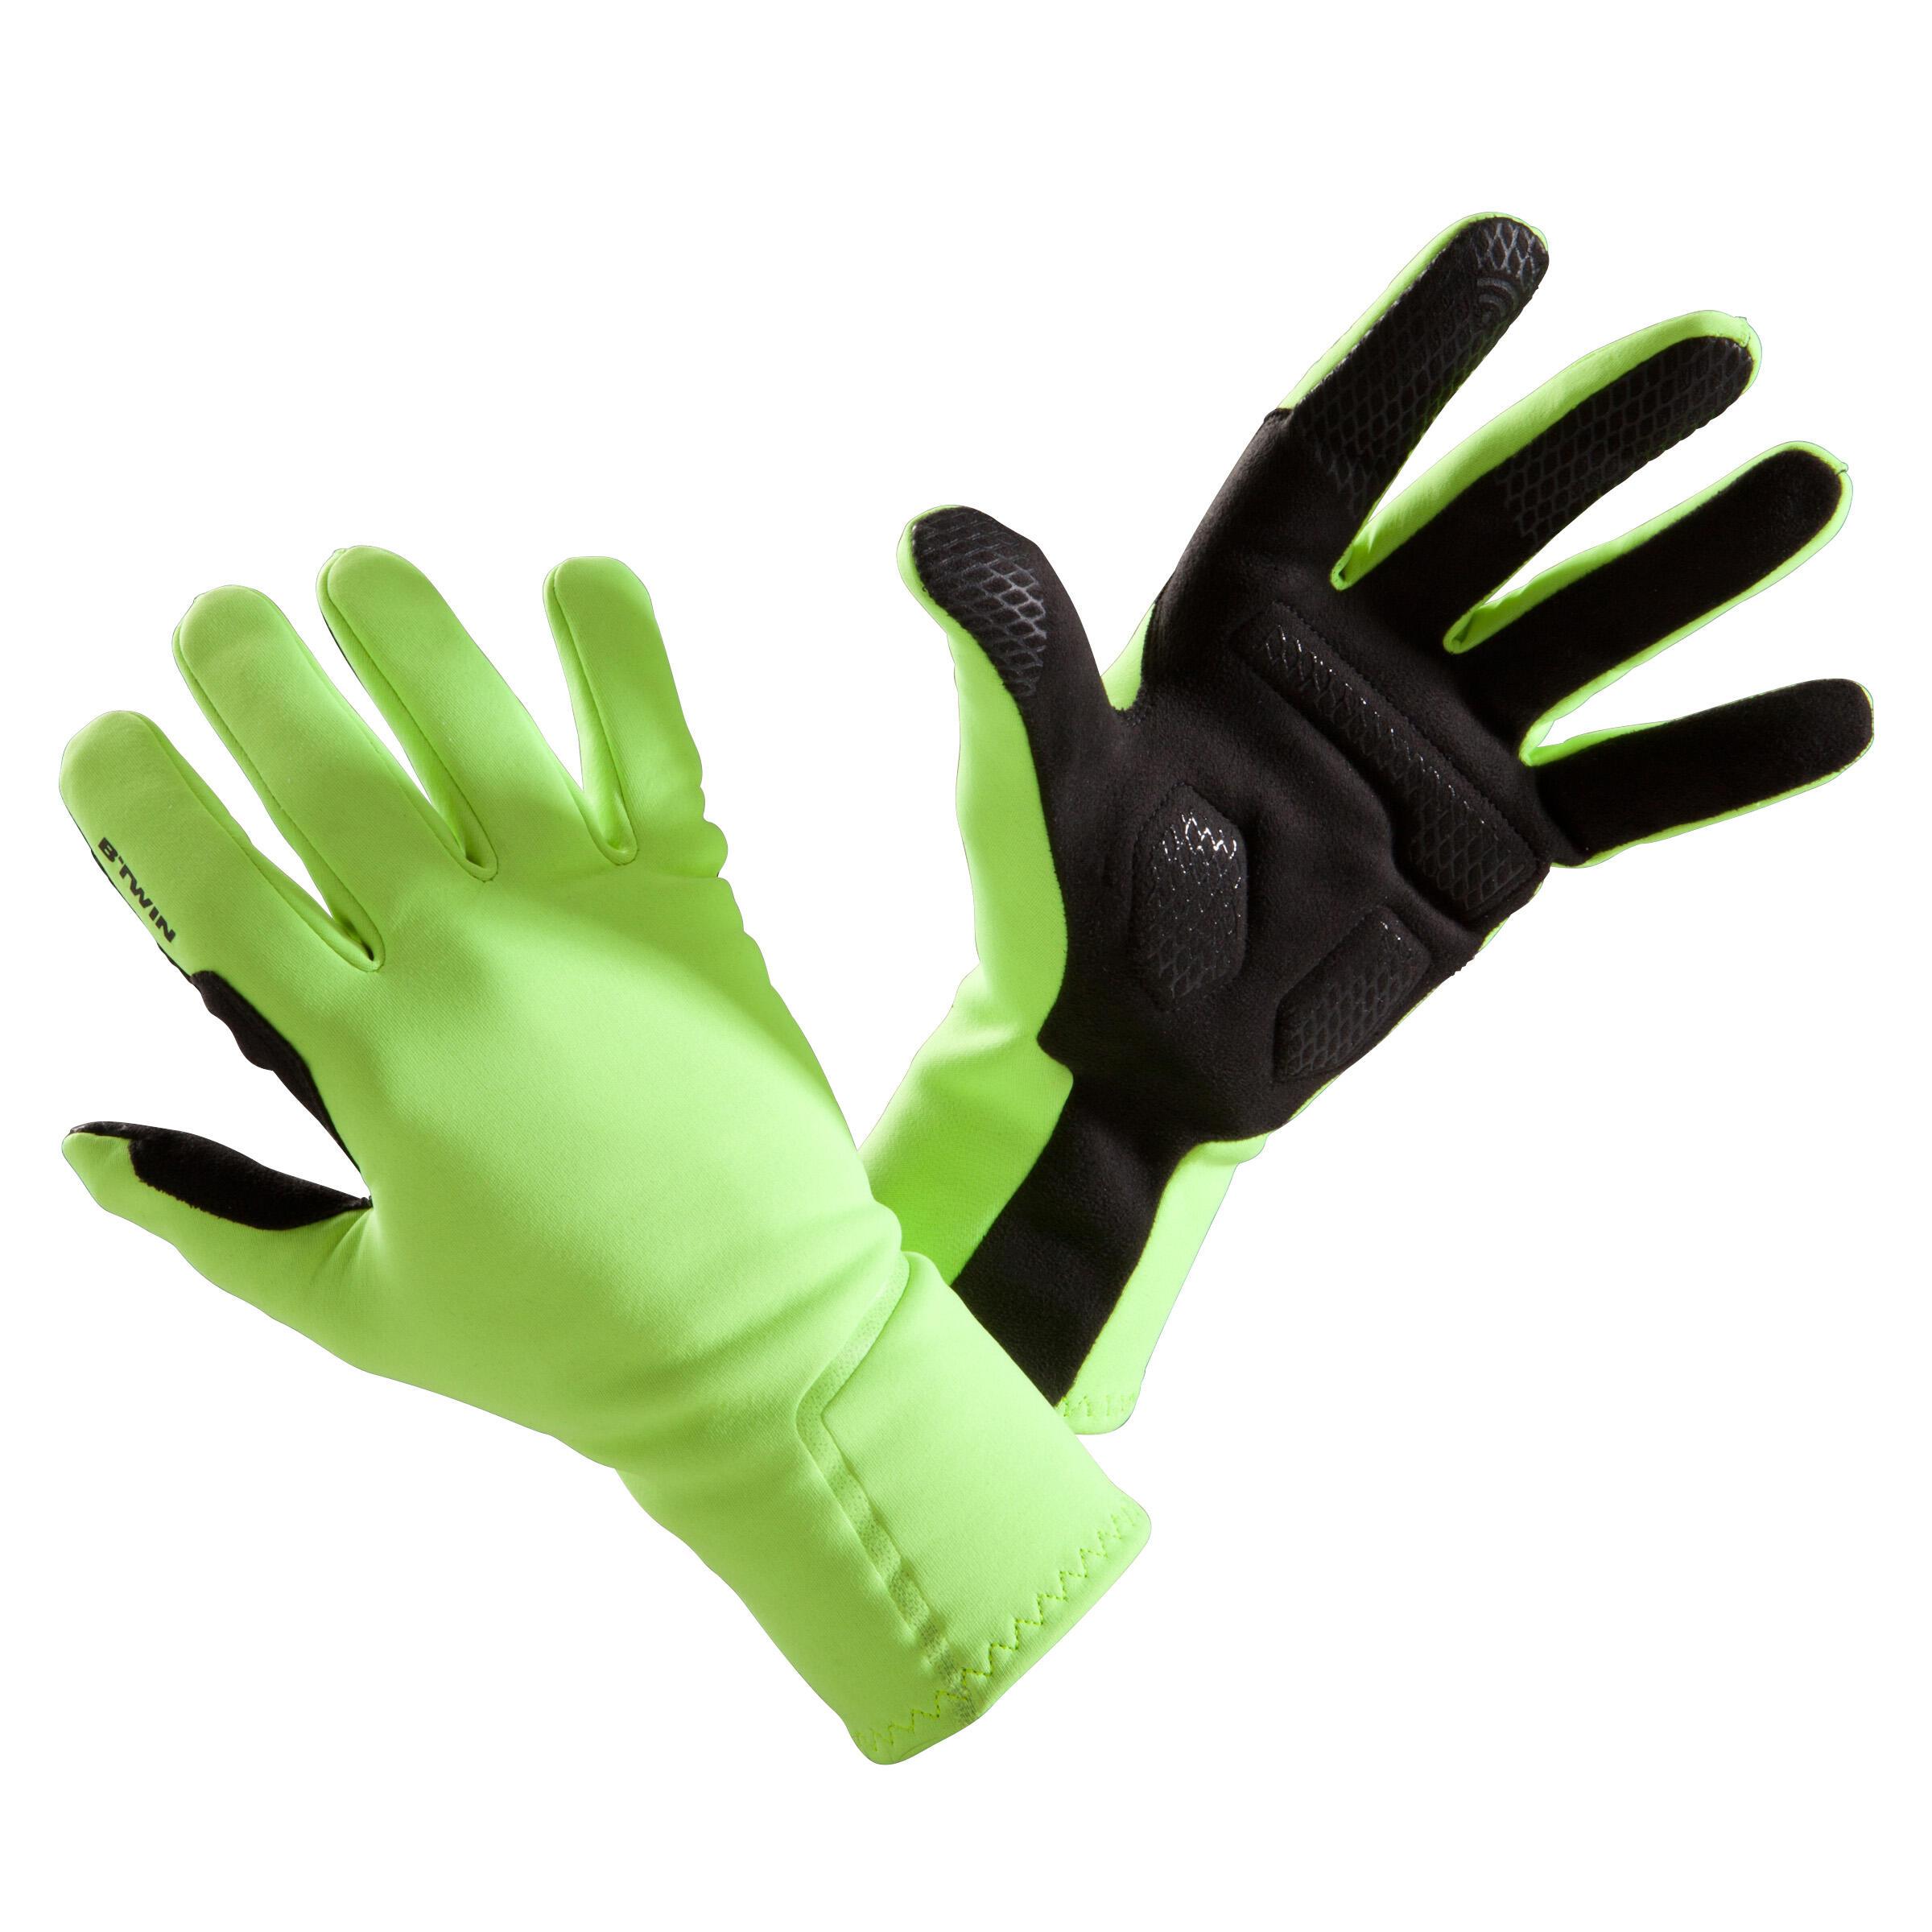 FAHRRADHANDSCHUHE 500 ZWISCHEN-SAISON | Accessoires > Handschuhe > Sonstige Handschuhe | Triban